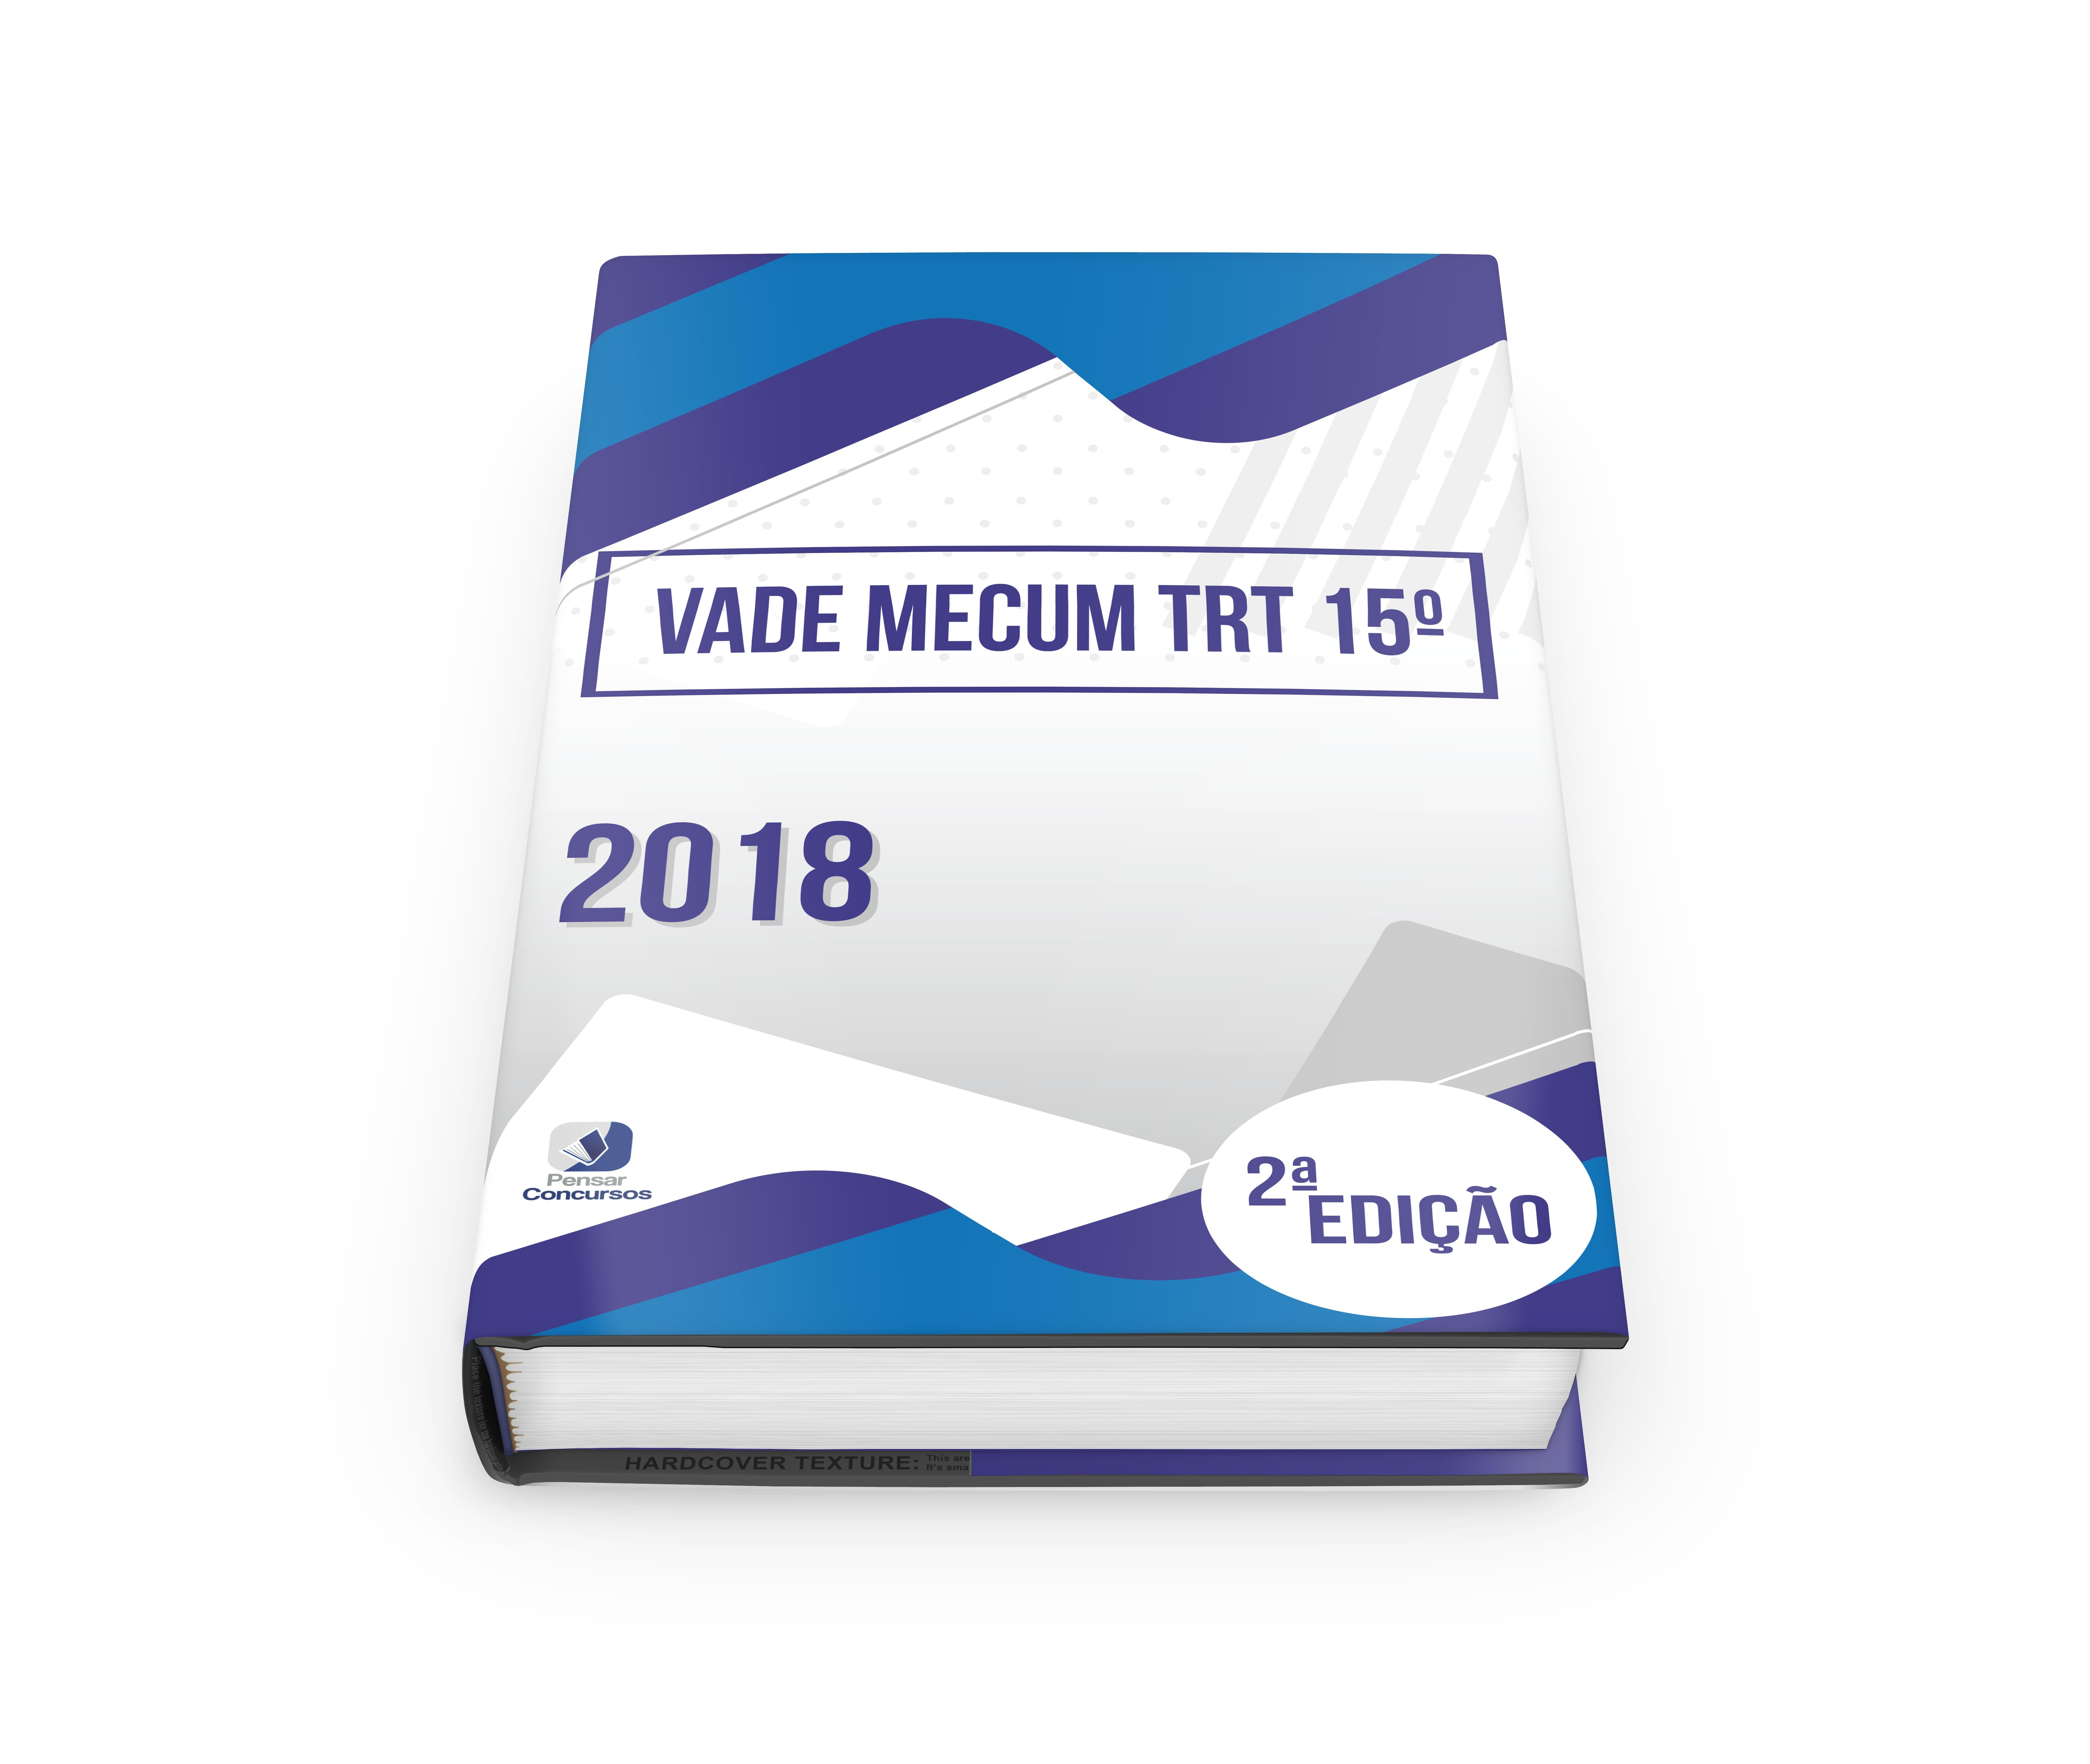 VADE MECUM TRT 15º - TJAA